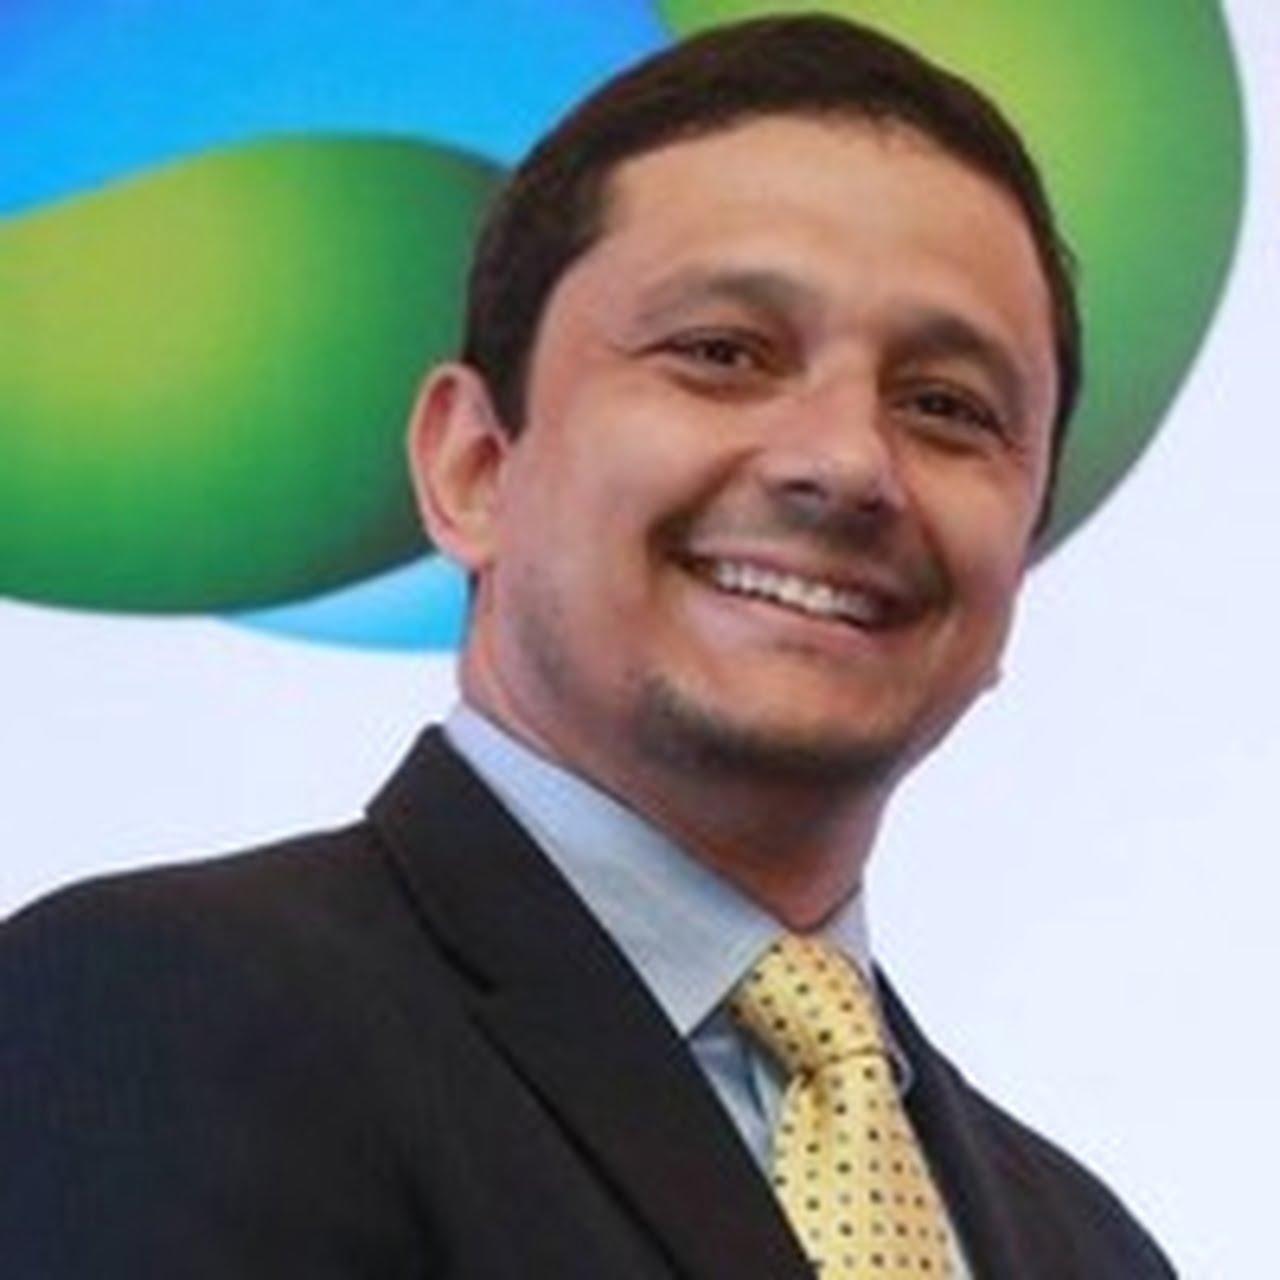 José Gontijo - Diretor de Ciência, Tecnologia e Inovação Digital